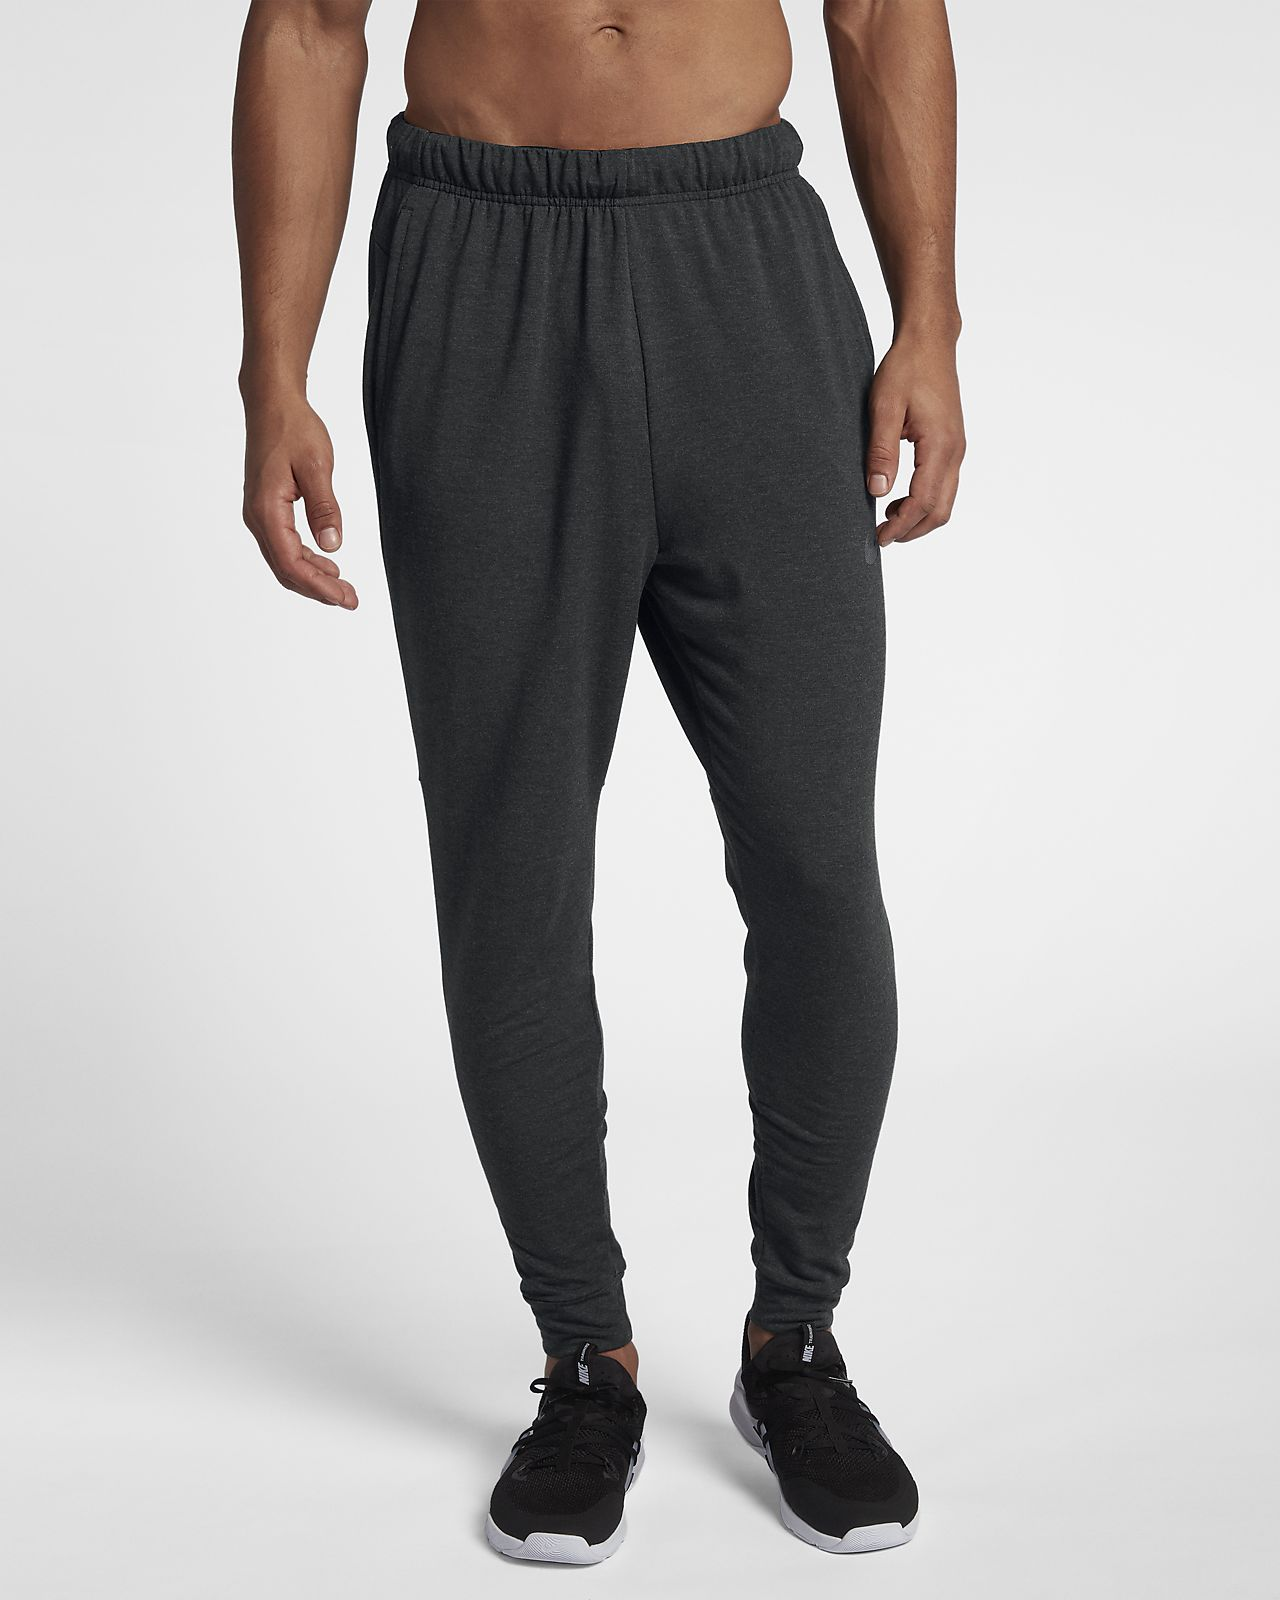 Nike Dri-FIT 男款訓練運動褲